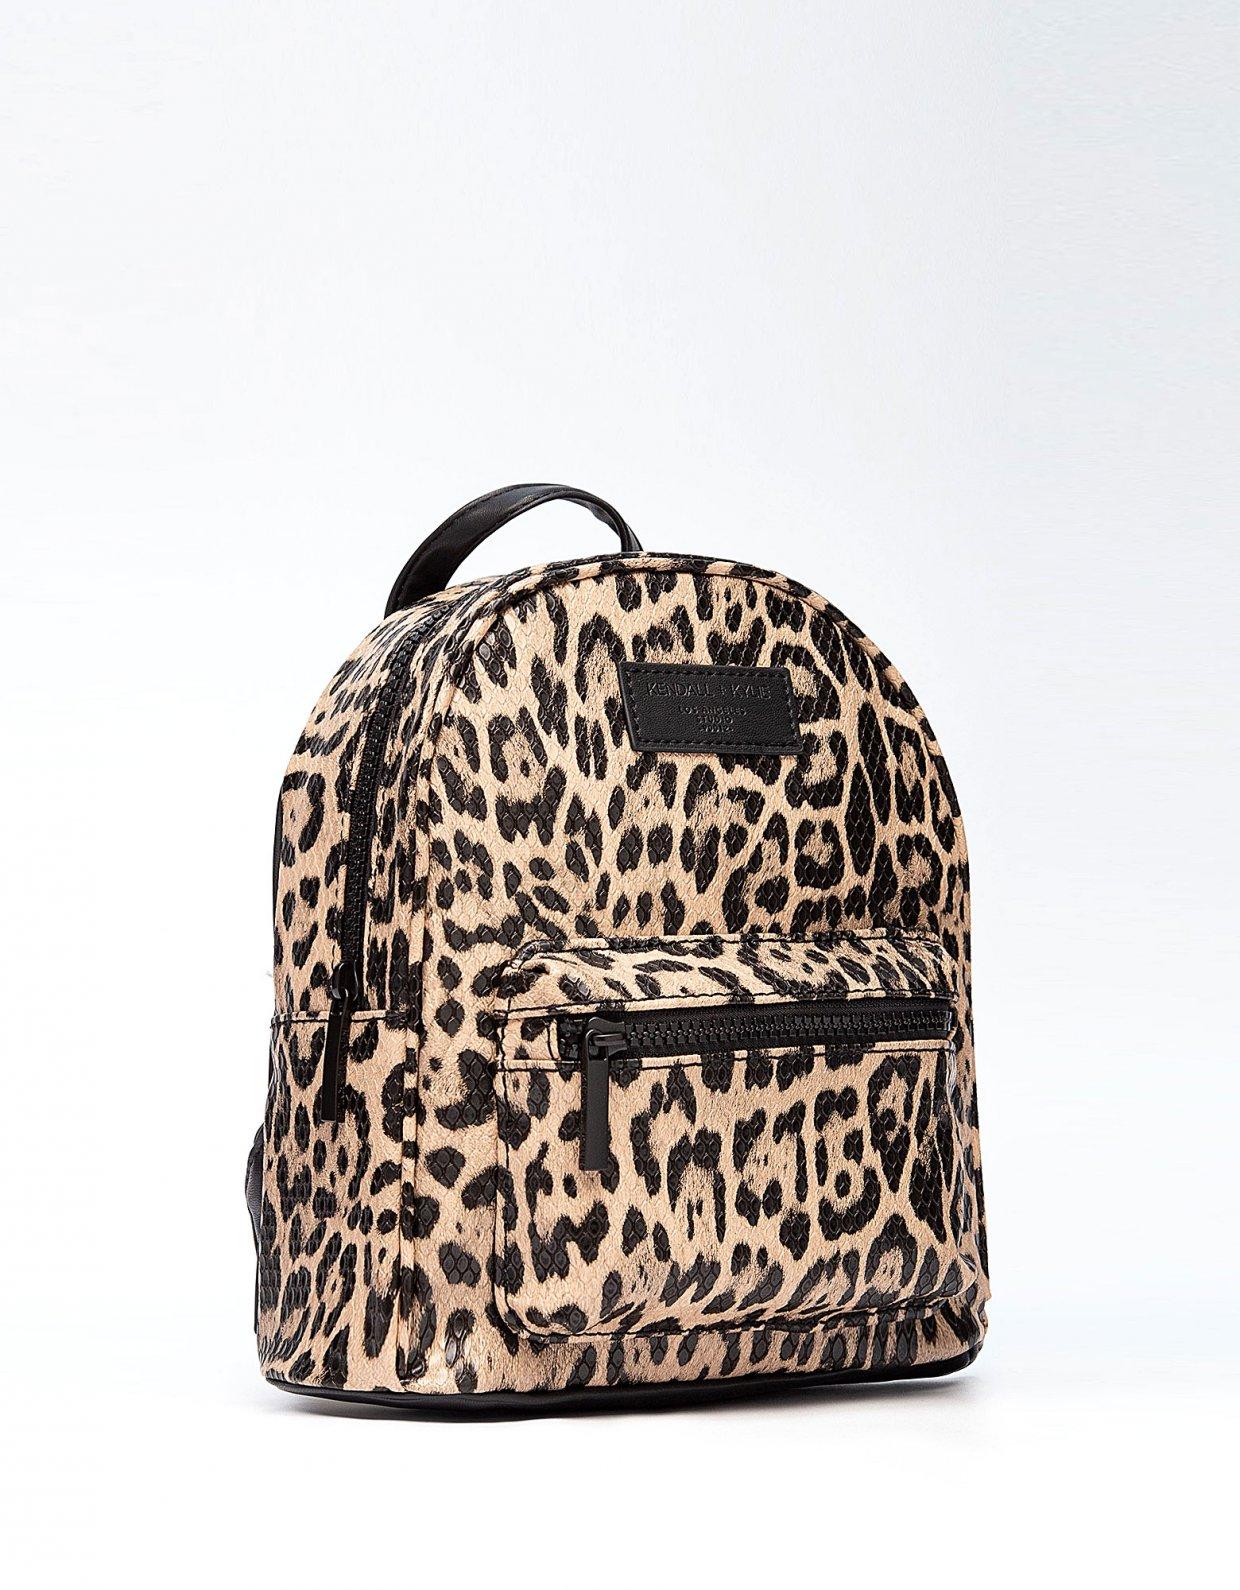 Kendall + Kylie Sam mini backpack leopard